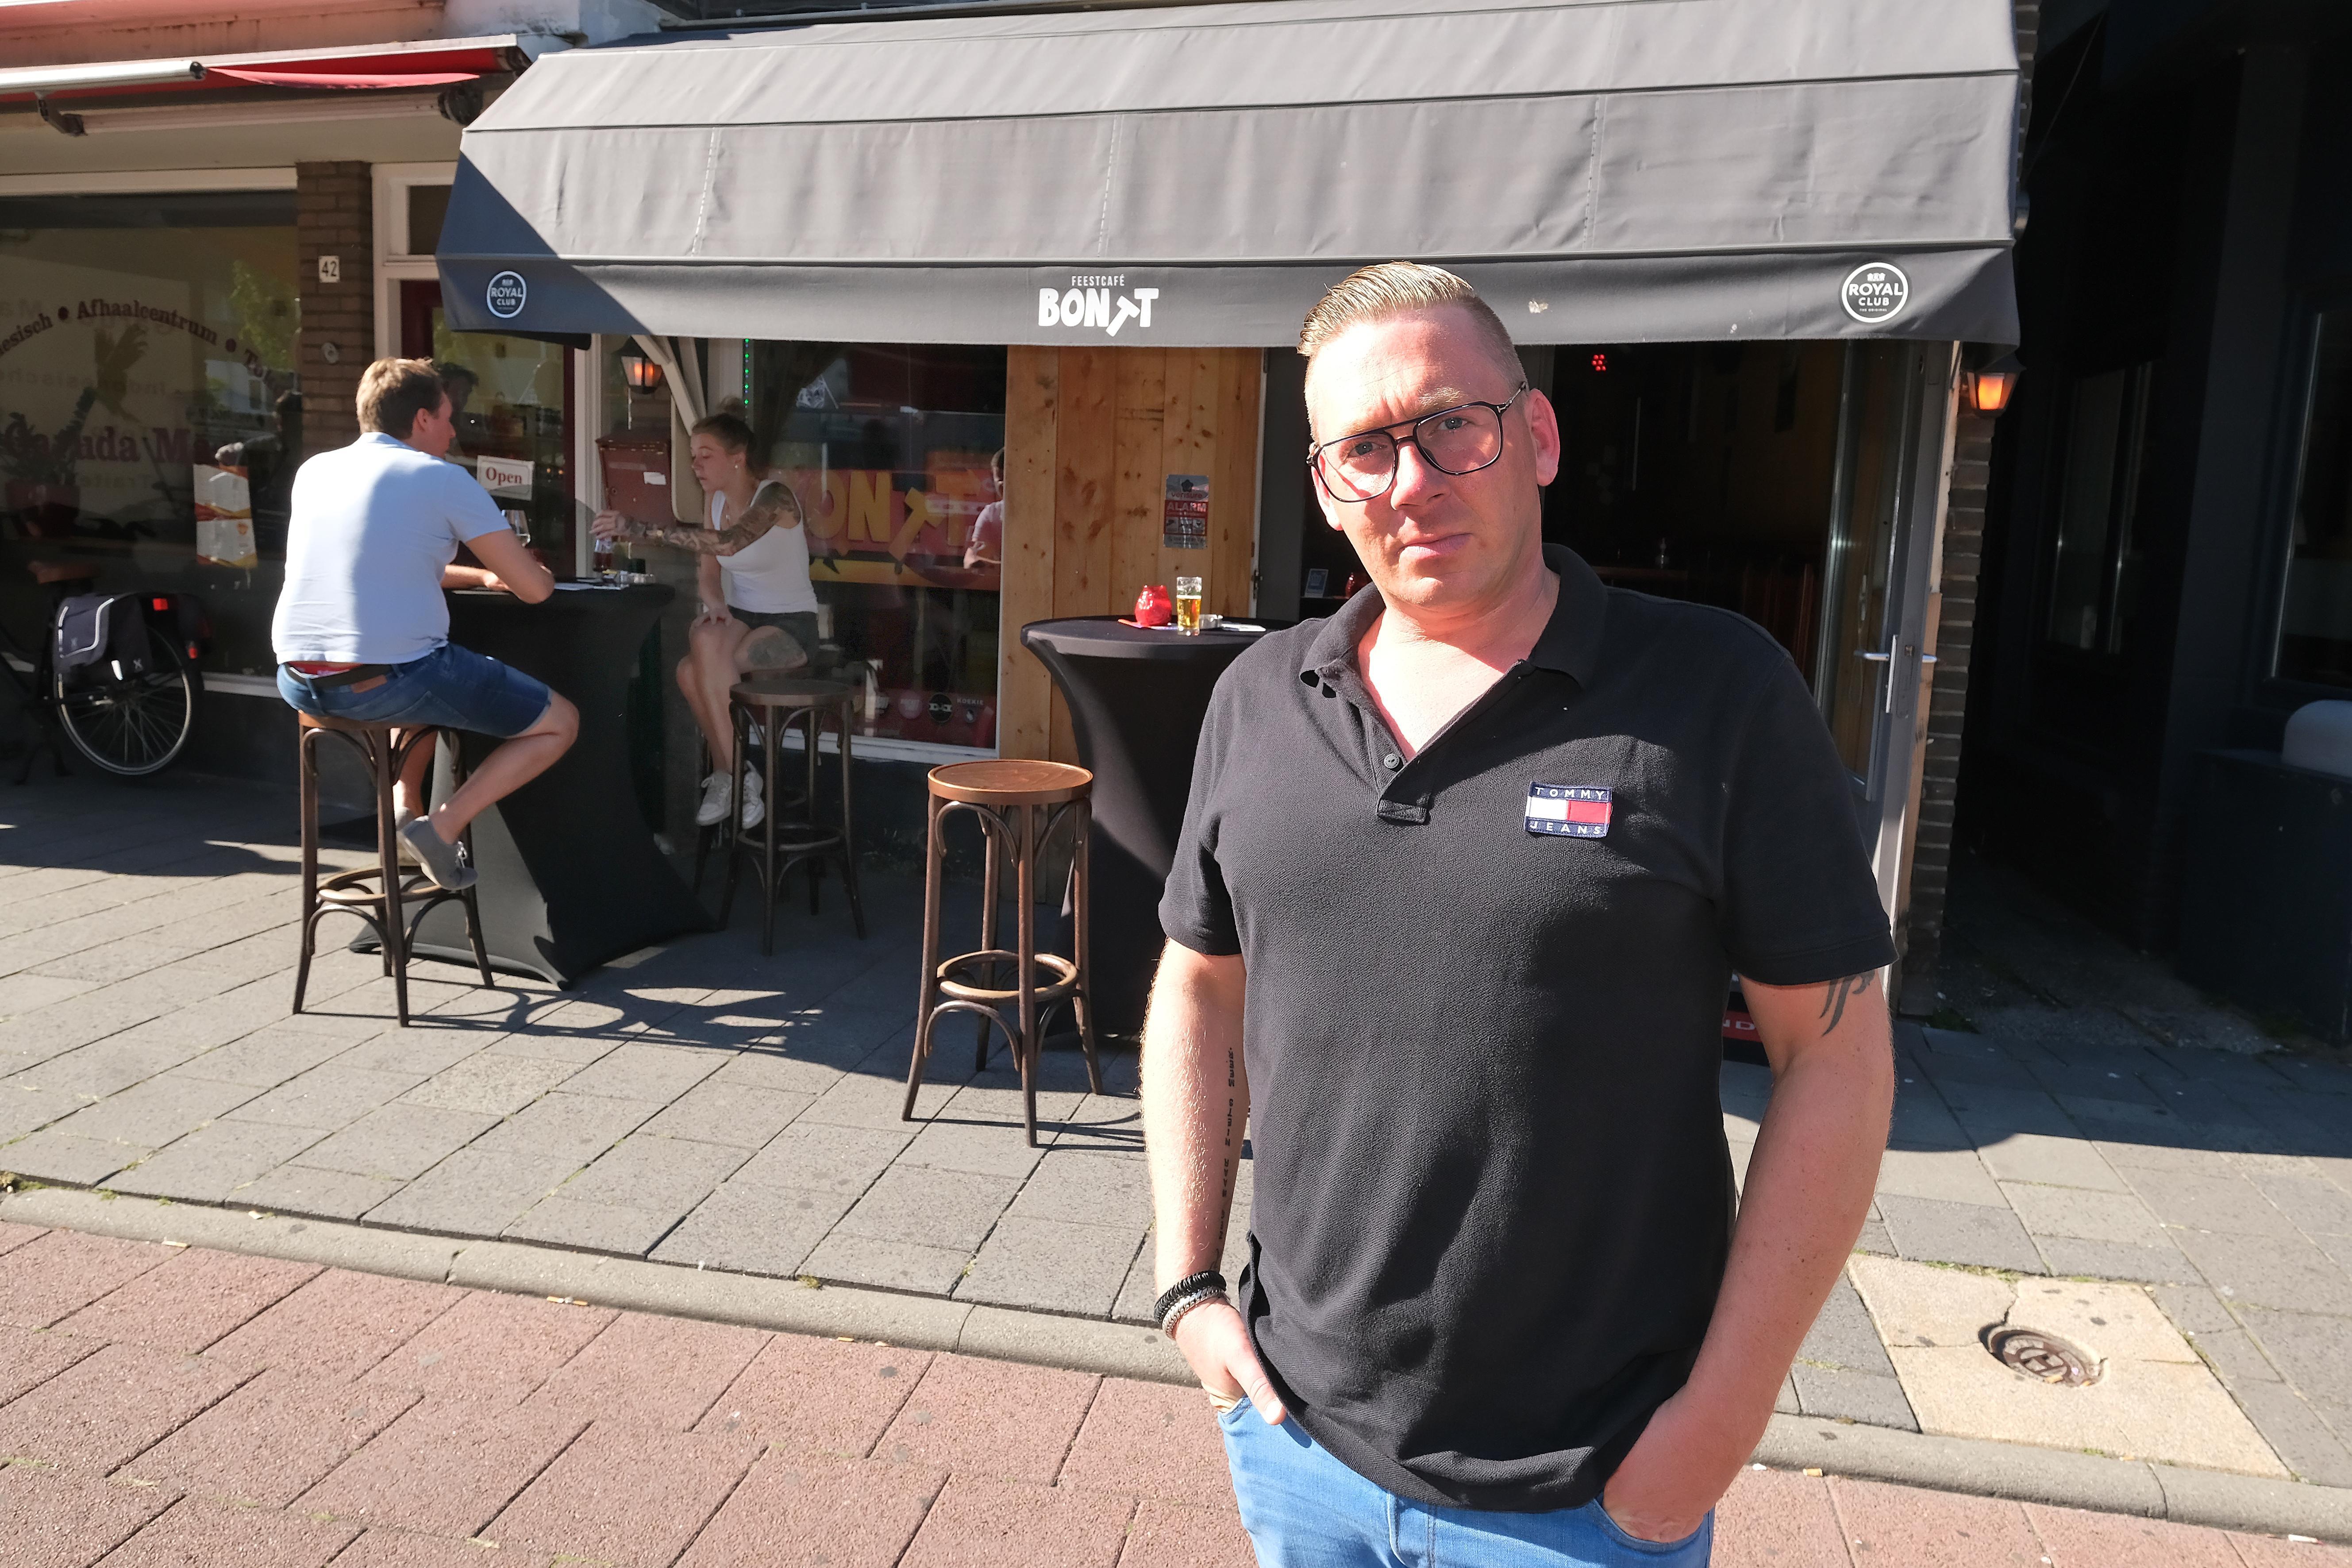 Kevin van Schijndel gooit in de weekenden, met pijn in 't hart, zijn café Bontt op slot; 'Die boa heeft het echt op ons gemunt'